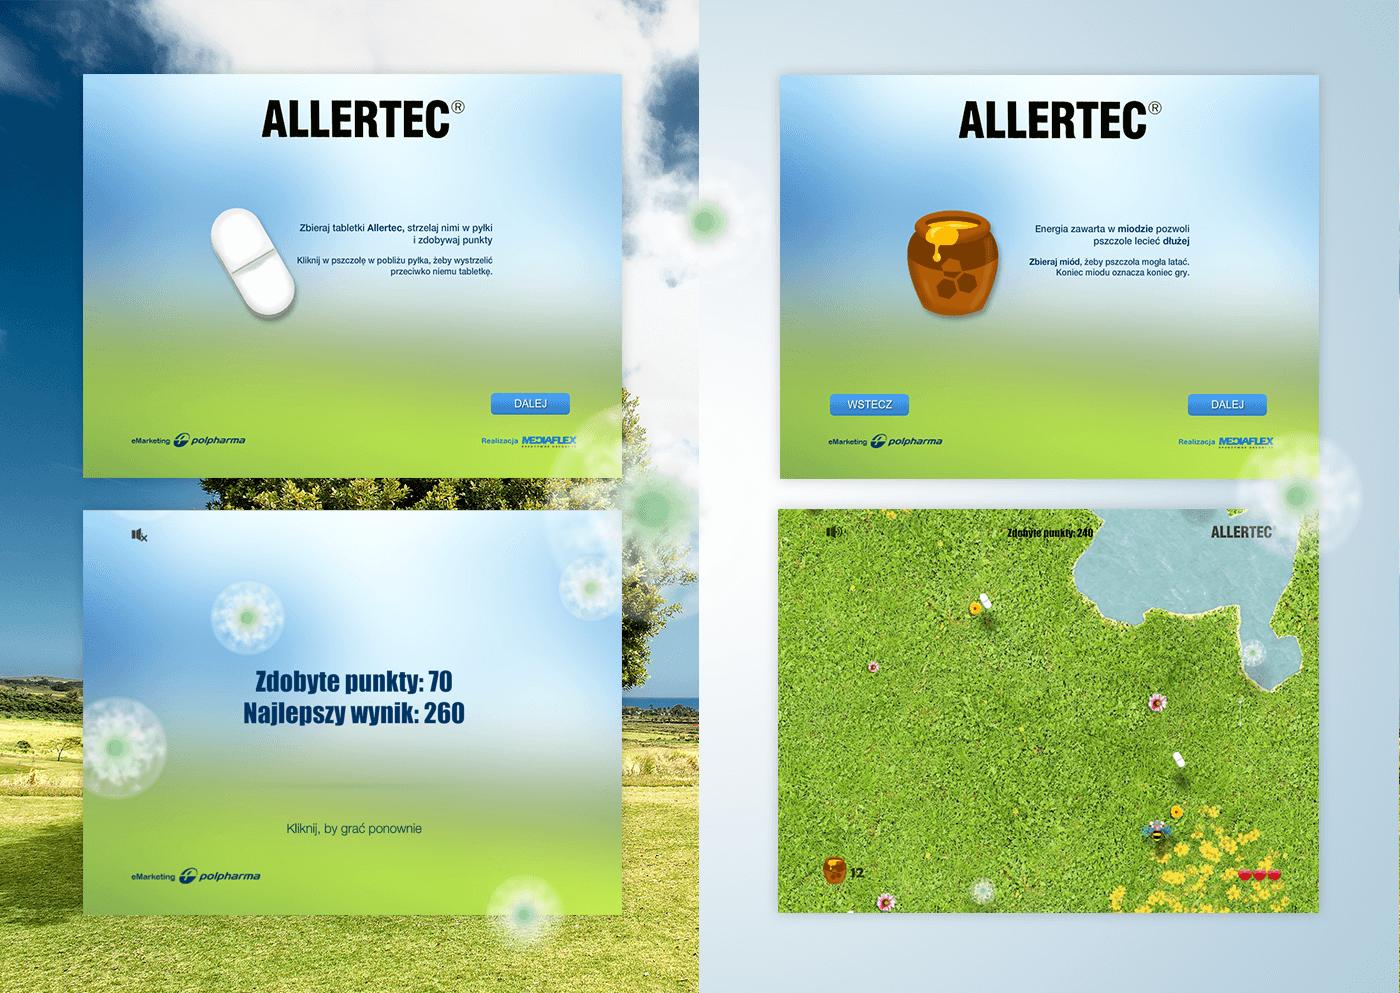 game allertec polpharma  mediaflex pharmacy ios Flash medicine Pharma